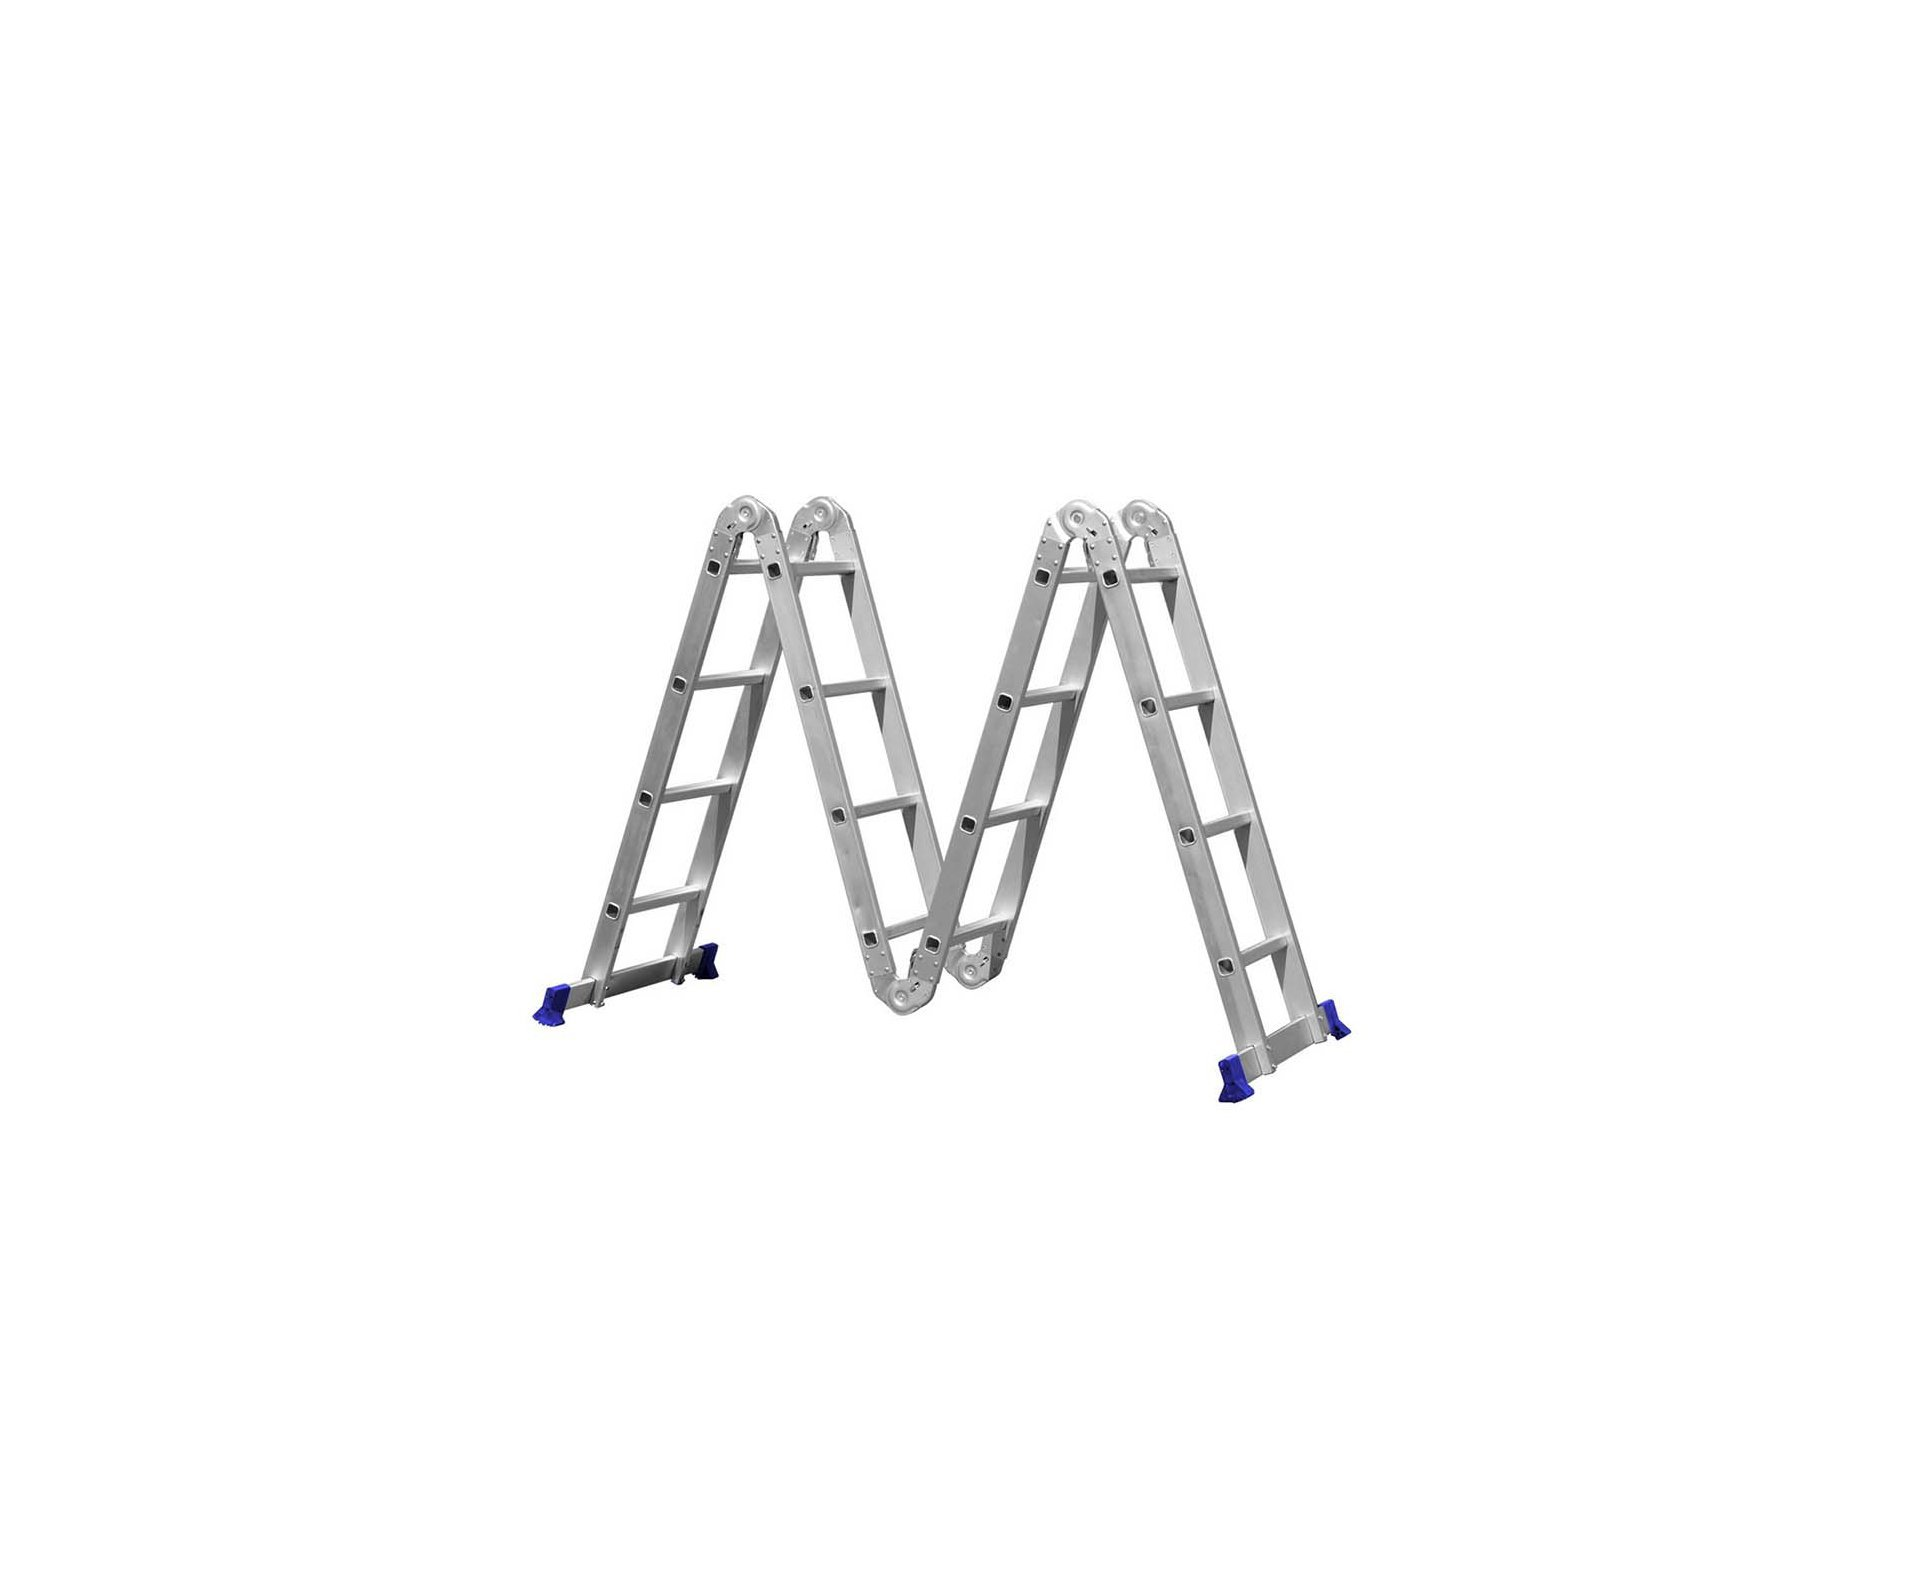 Escada Mor Multifuncional 4x4 Aluminio 16 Degraus